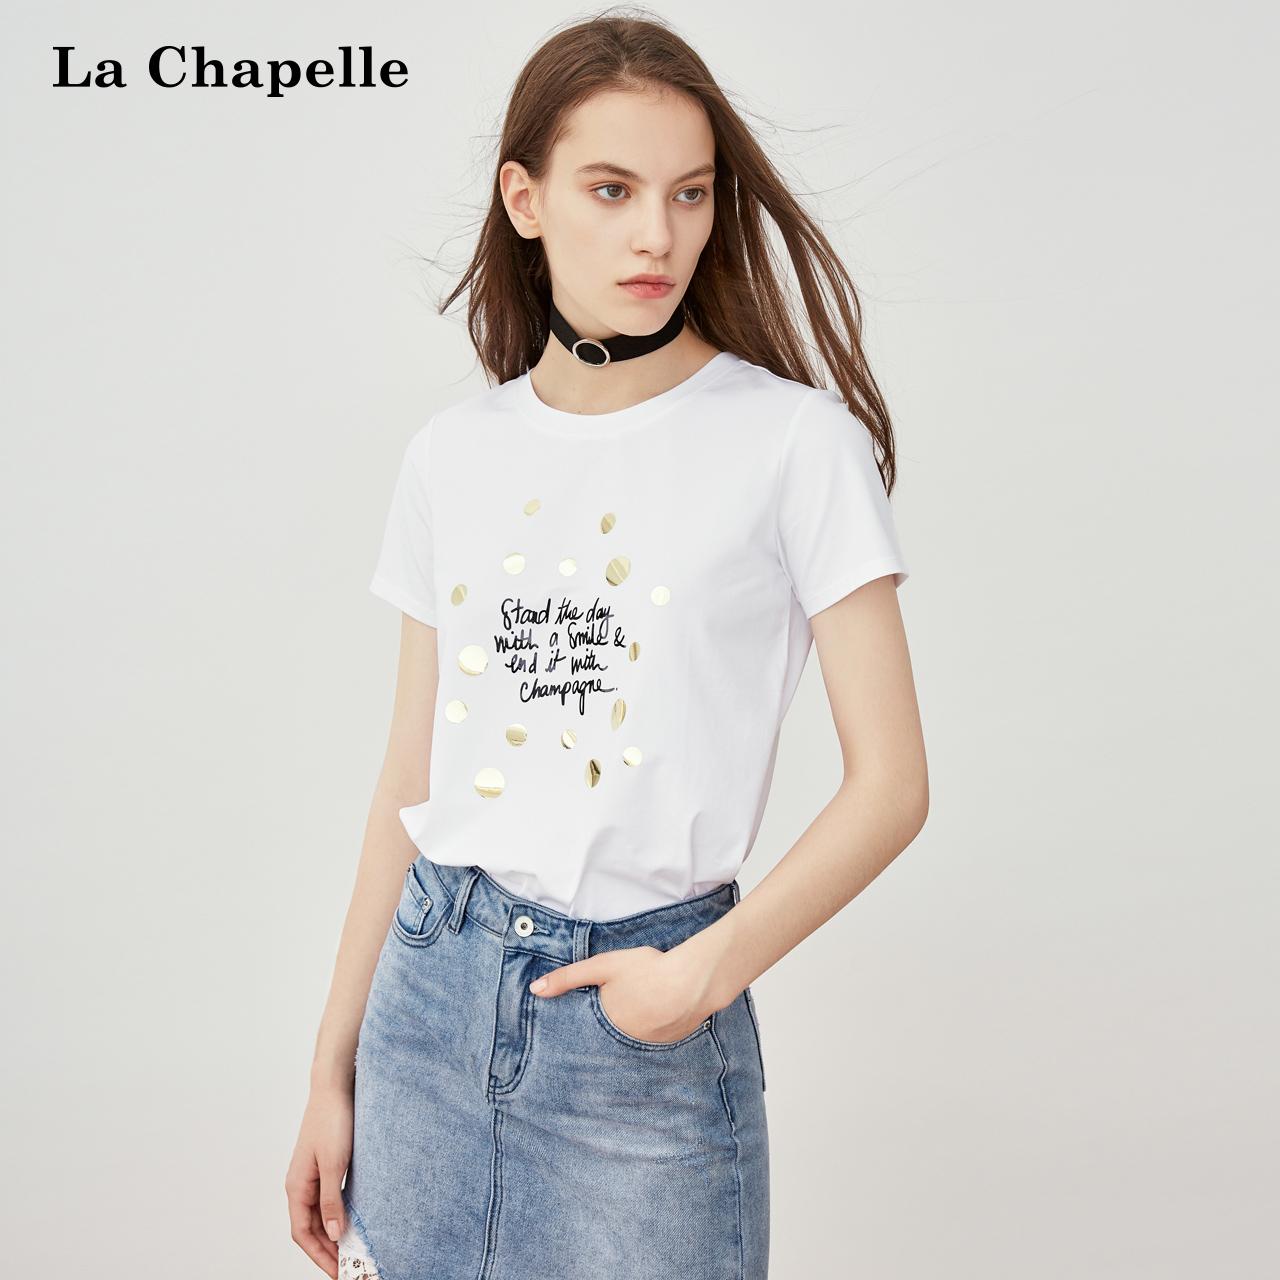 印花短袖t恤女拉夏贝尔2018夏装新款韩版宽松百搭白色街头上衣